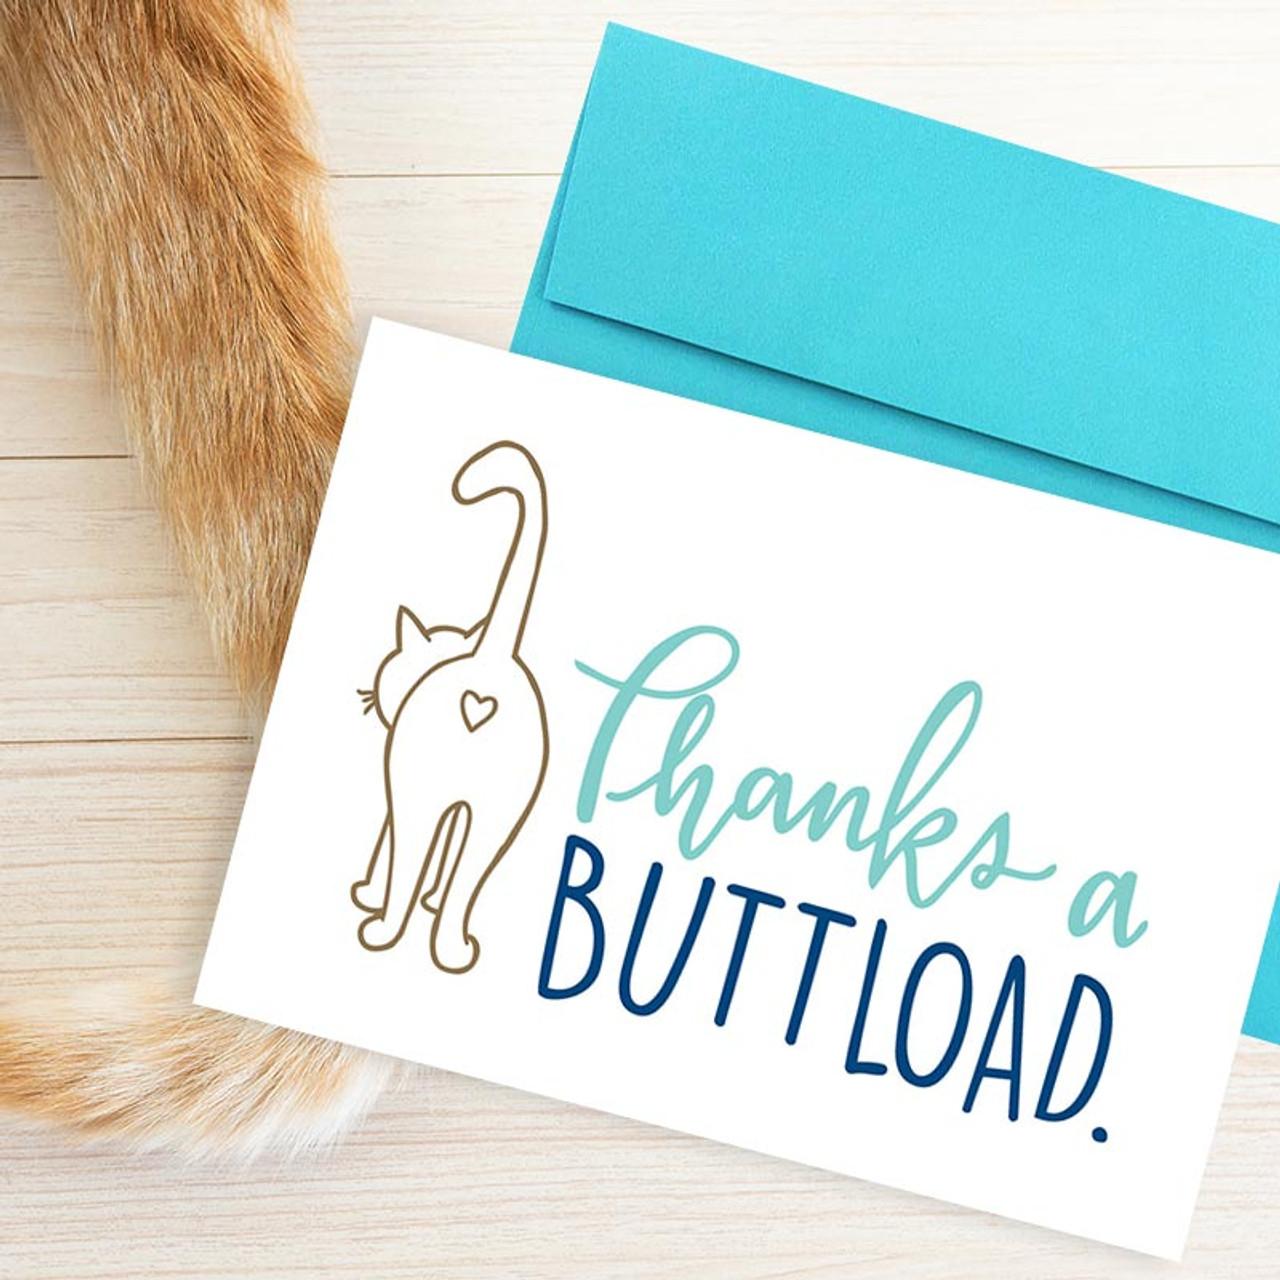 Thanks A Buttload Cat Butt Thank You Card